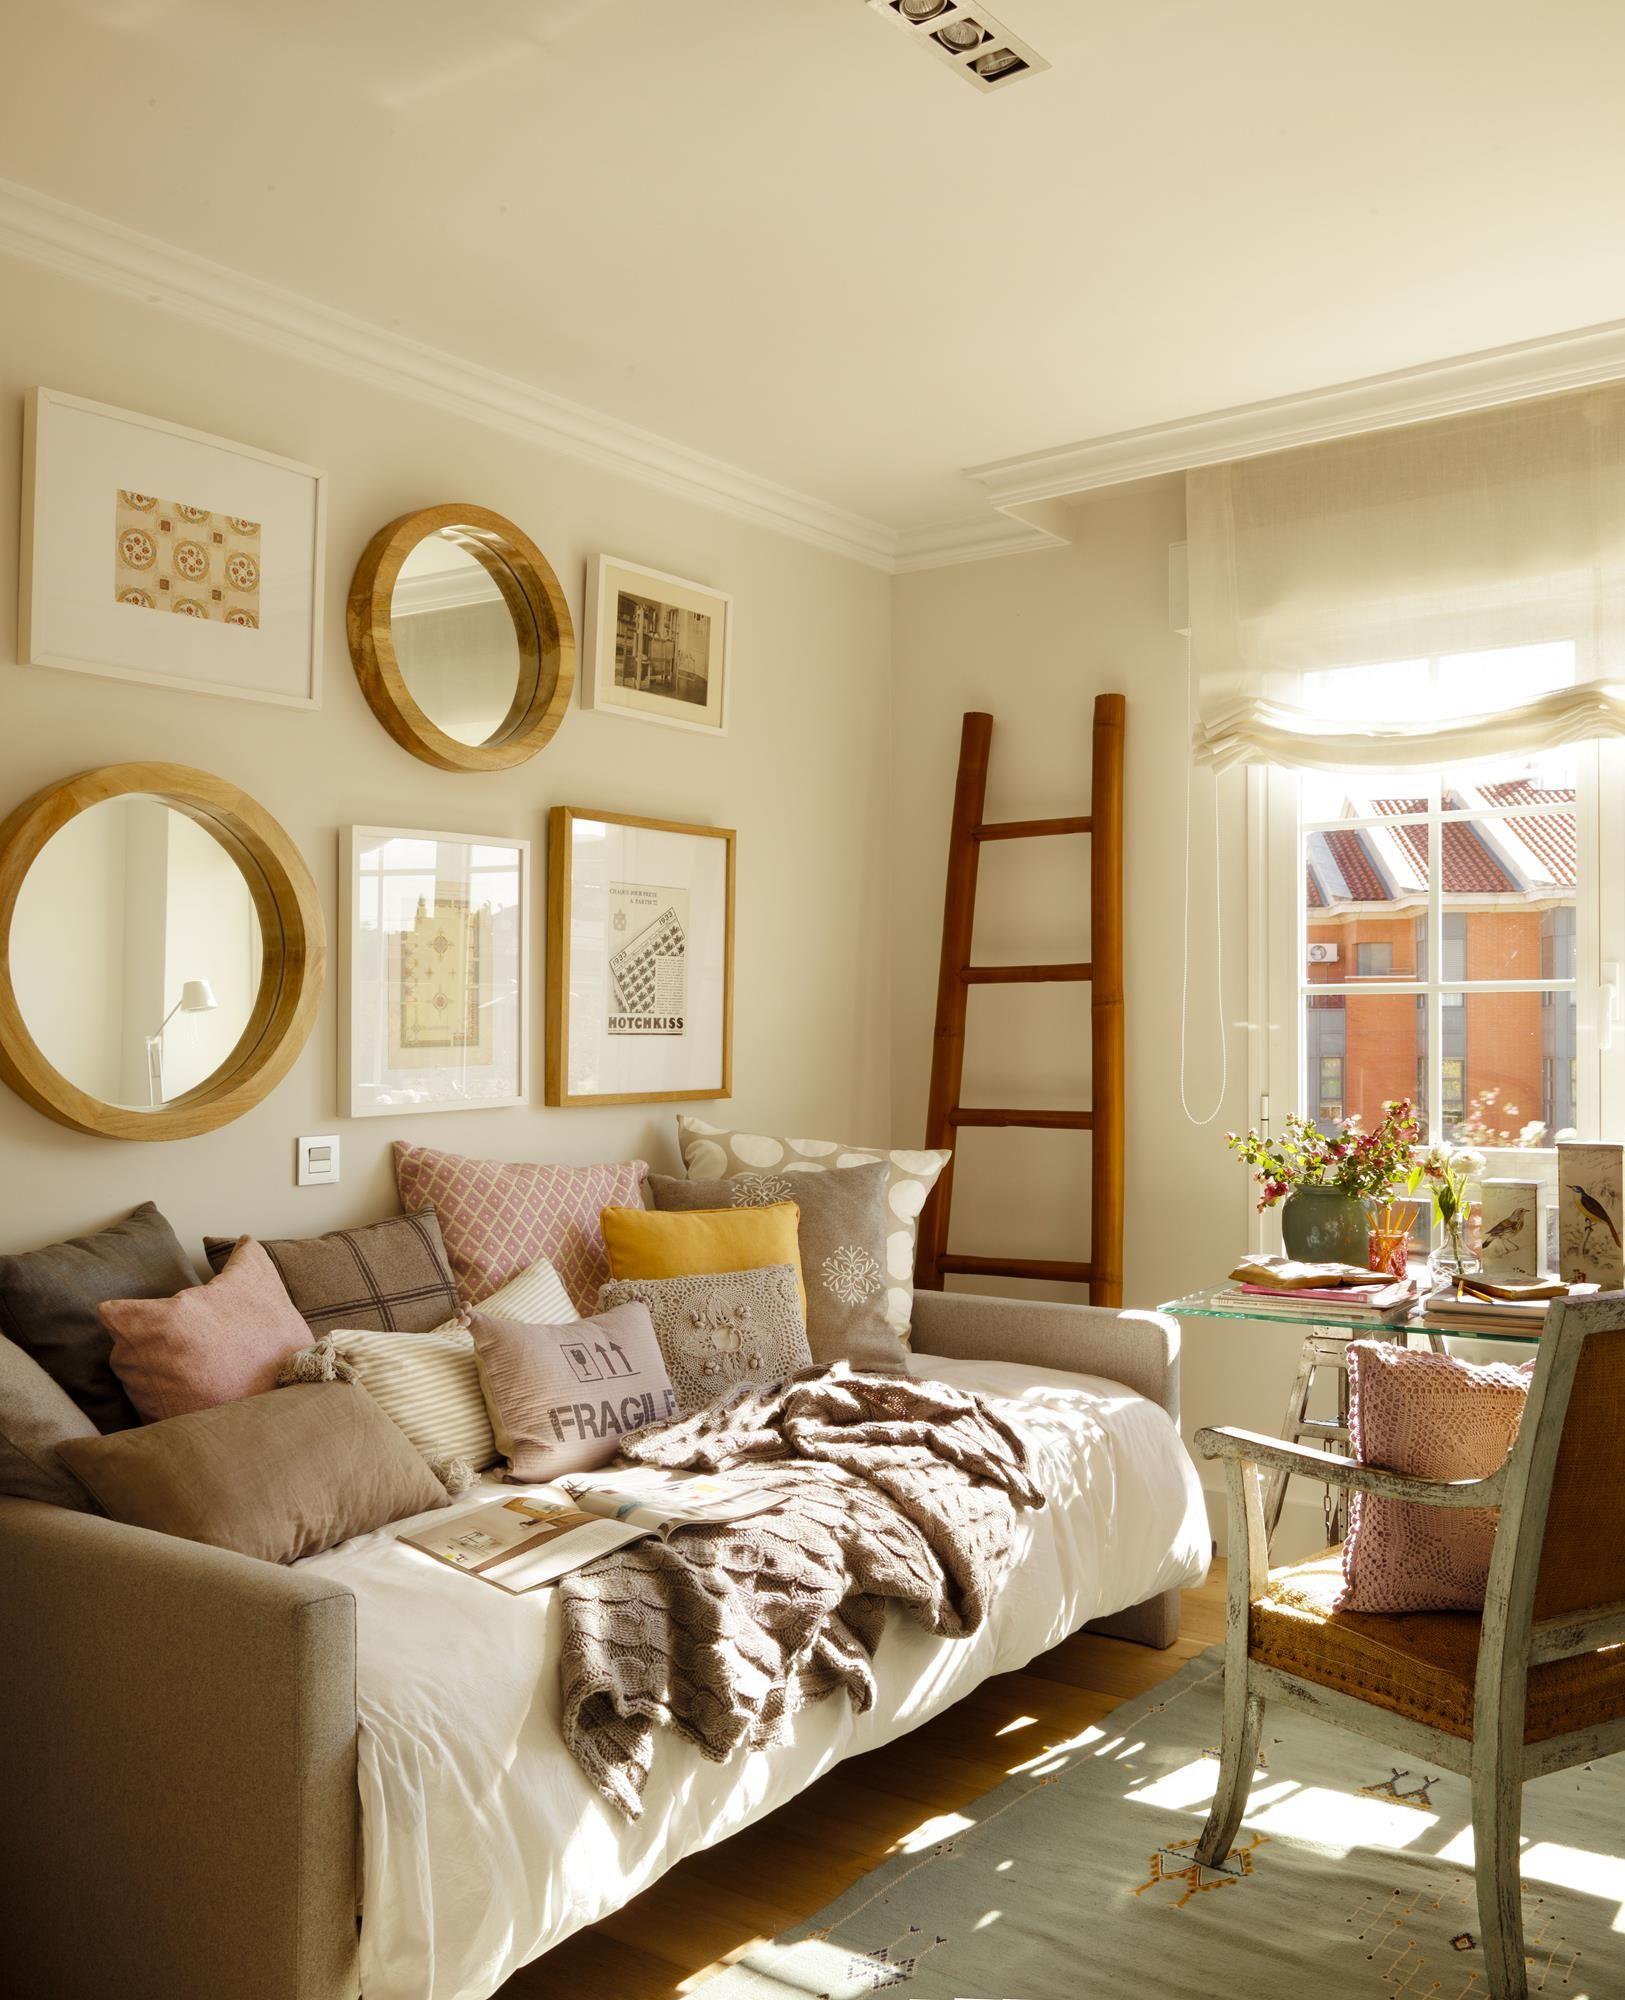 Por Qué Decorar Nos Da Felicidad Decorating Small Bedroomssmall Bedroom Designsbedroom Color